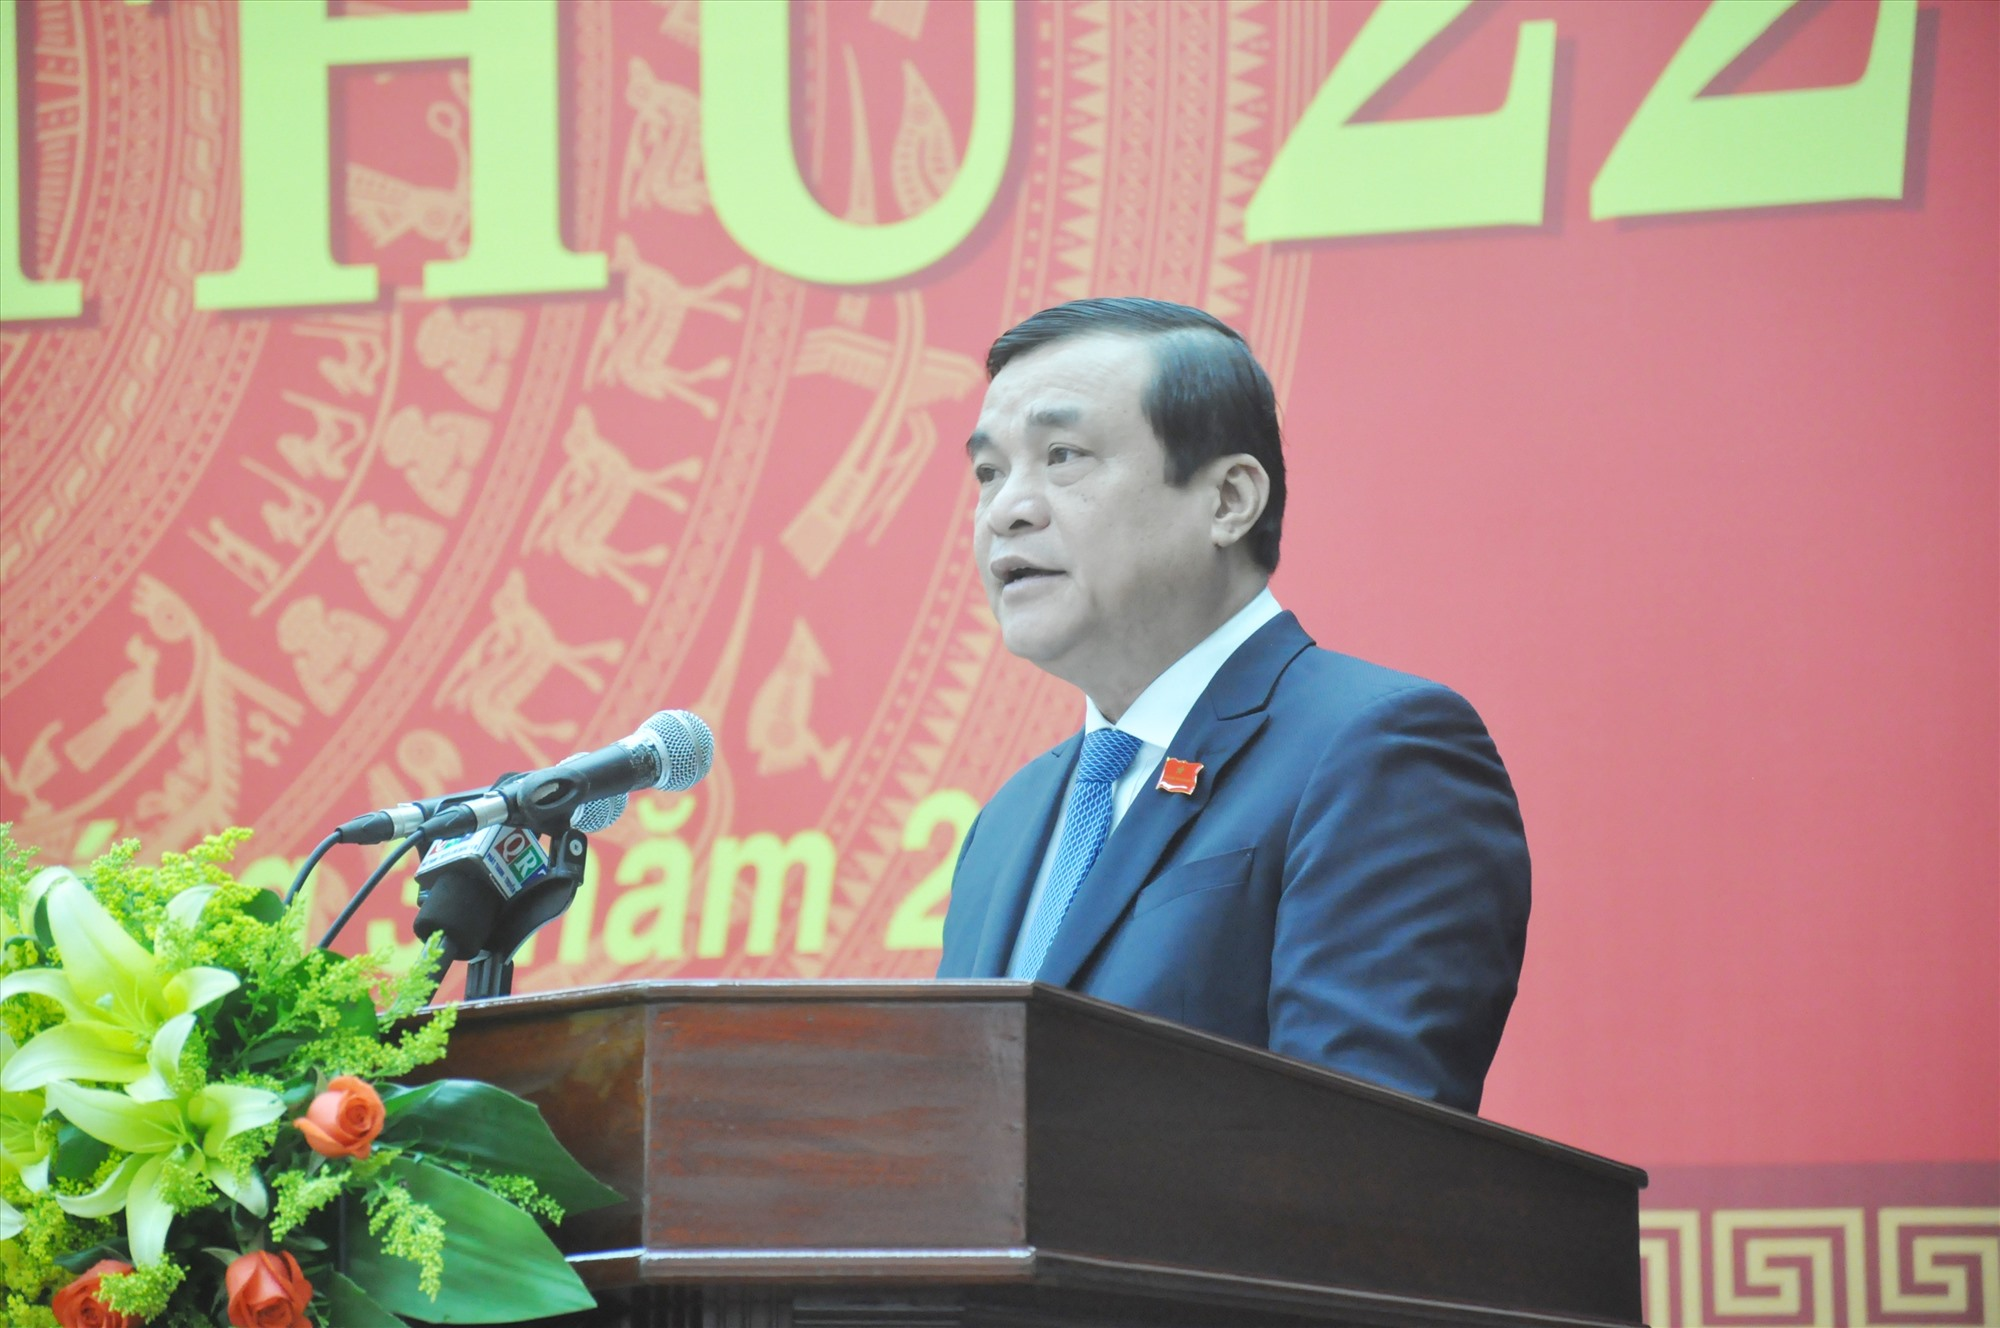 Bí thư Tỉnh ủy, Chủ tịch HĐND tỉnh Phan Việt Cường phát biểu khai mạc Kỳ họp thứ 22 vào sáng nay 16.3. Ảnh: N.Đ